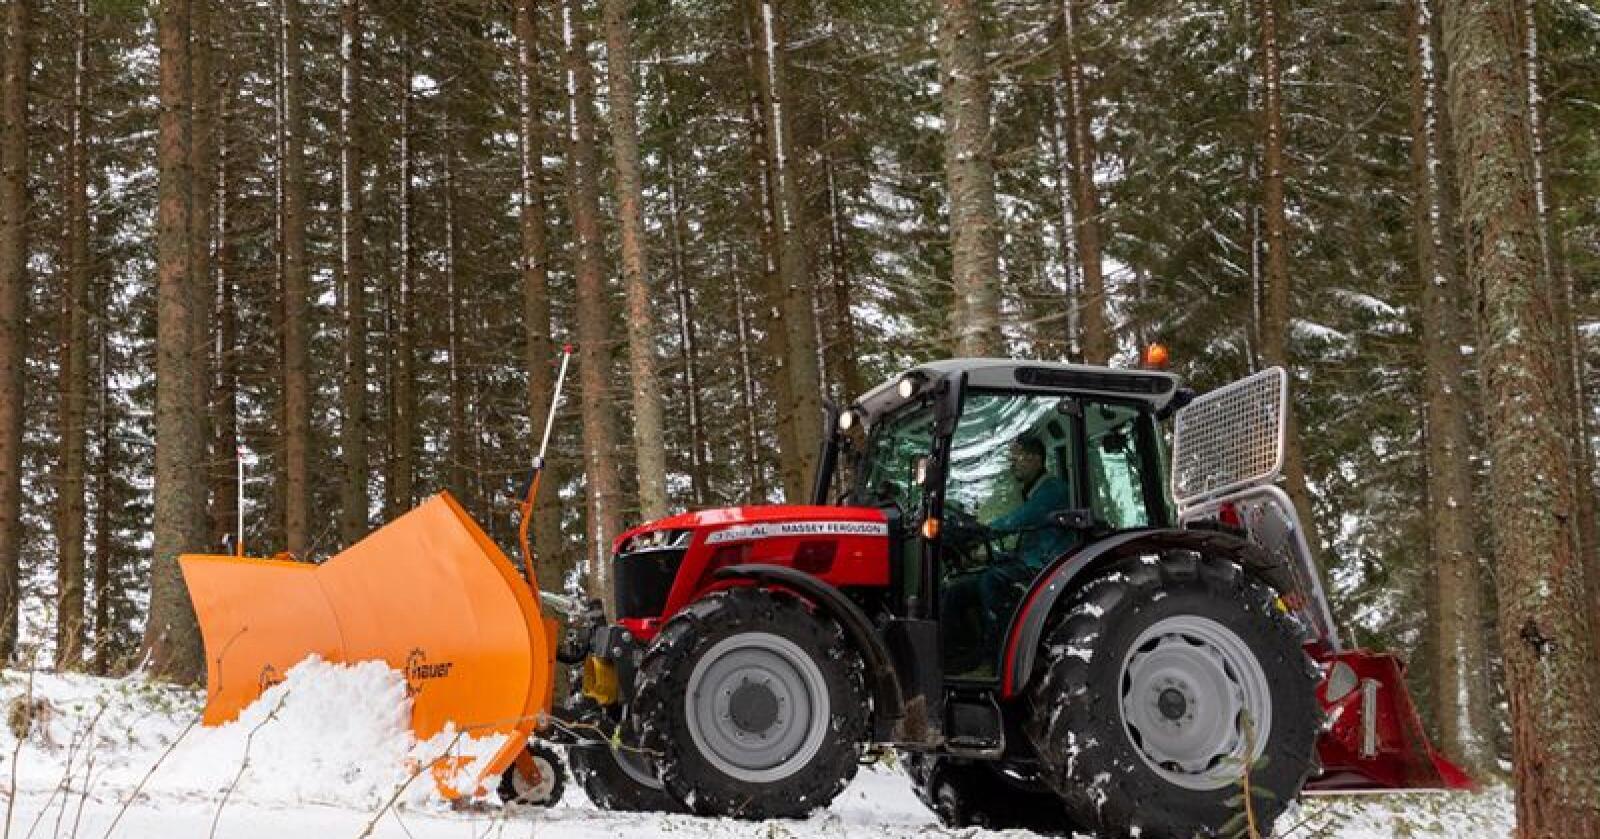 MF 3700 Alpine skal i følge produsenten, være en velegna flerbrukstraktor for brattlente bruk. (Foto: Charlelie Marange)